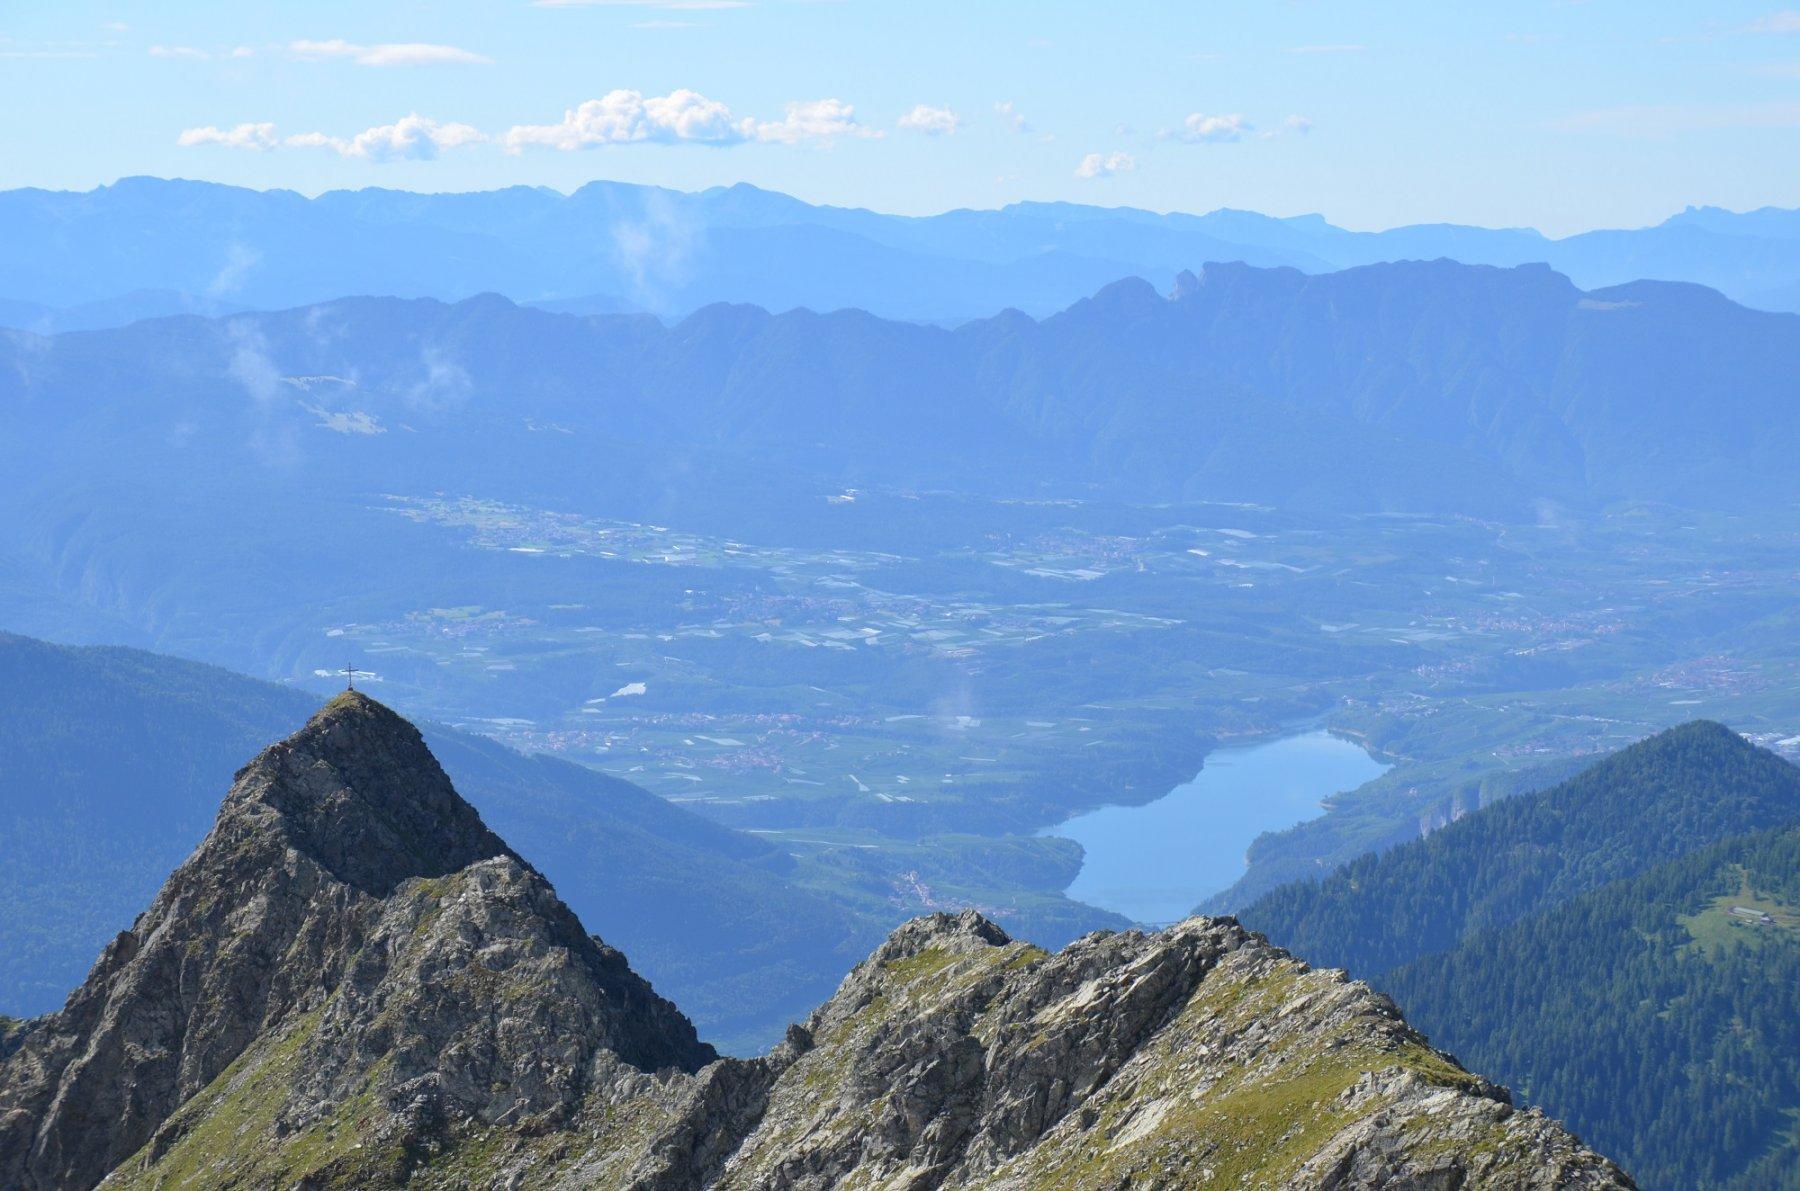 Il bel crinale della Cima Slavazzaie. Dietro il Lago di santa Giustina e la val di Non